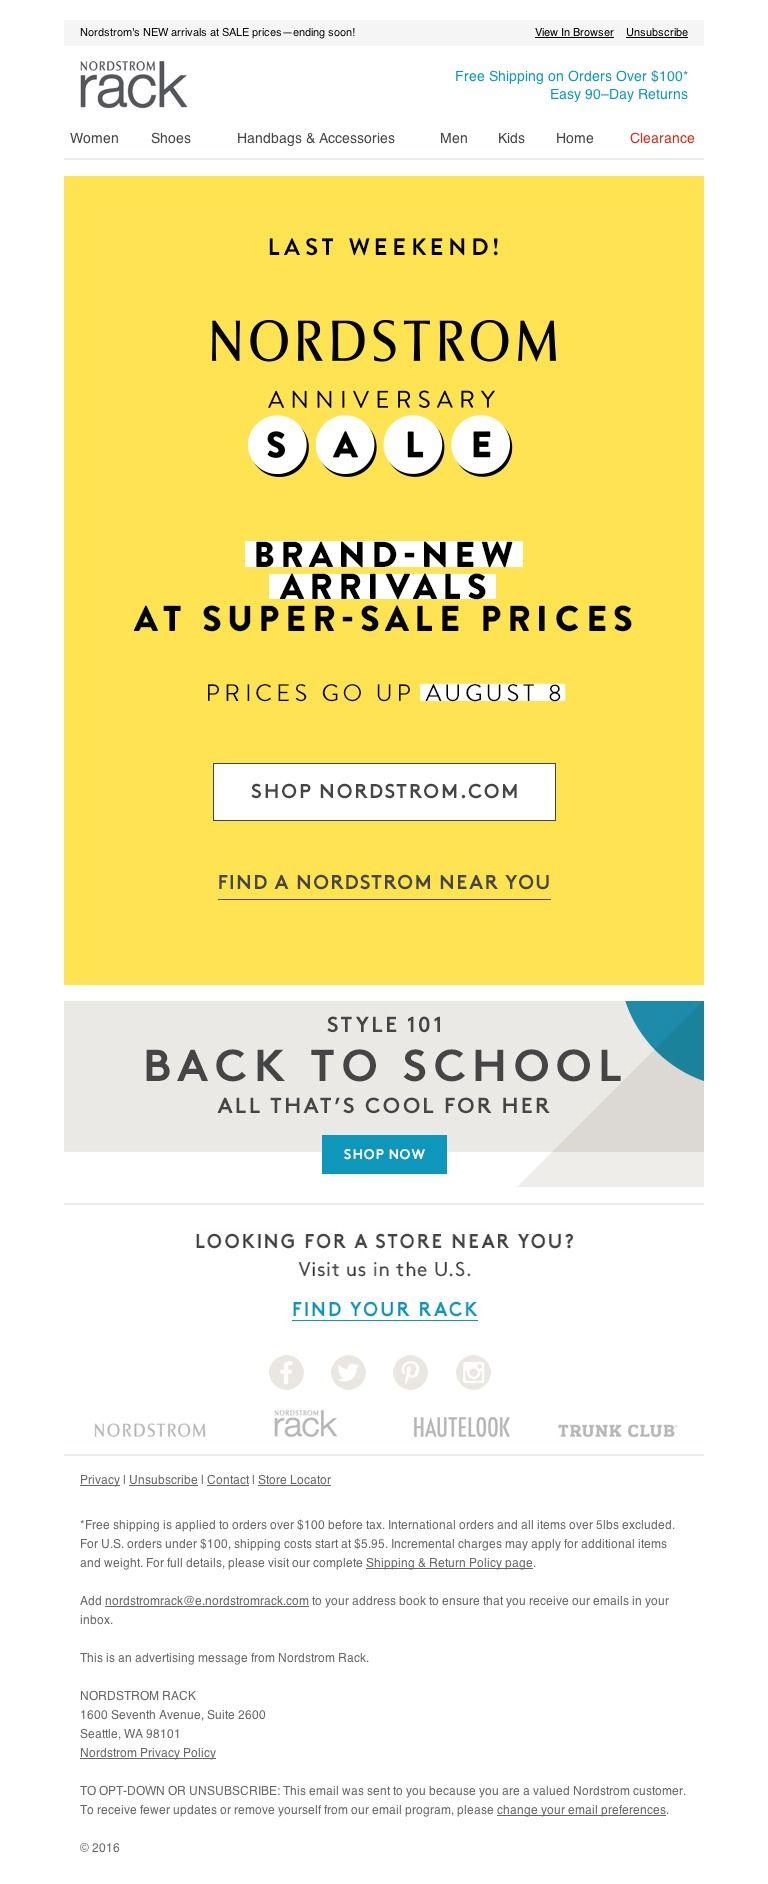 Nordstrom Rack Shop The Last Weekend Of Anniversary Sale